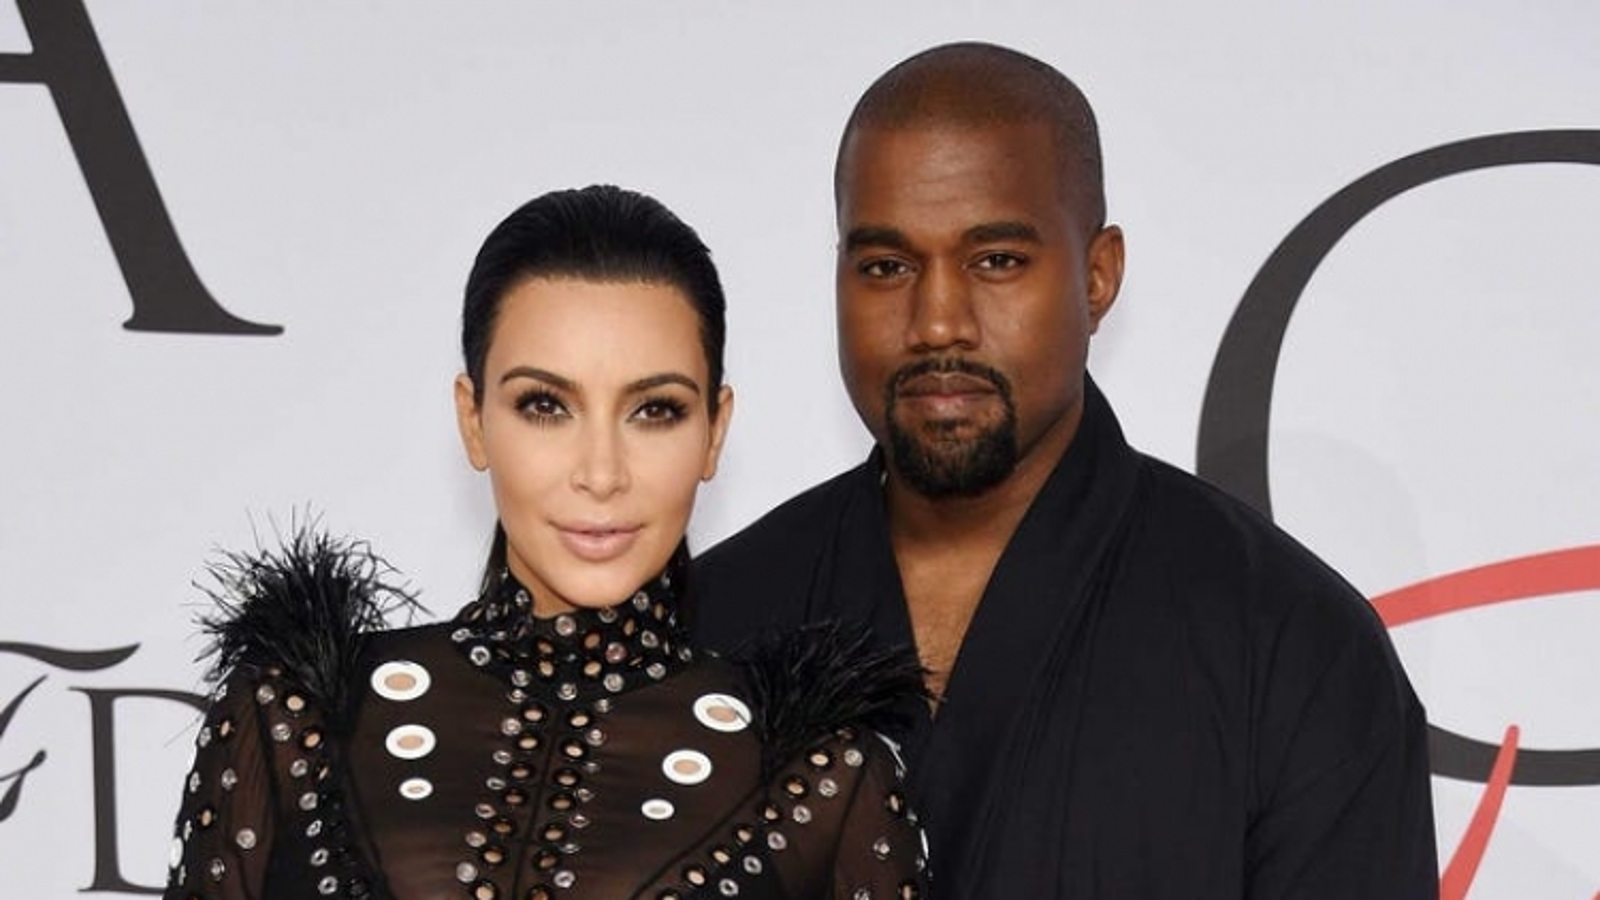 Lịch sử chuyện tình đình đám của Kanye West và Kim Kardashian